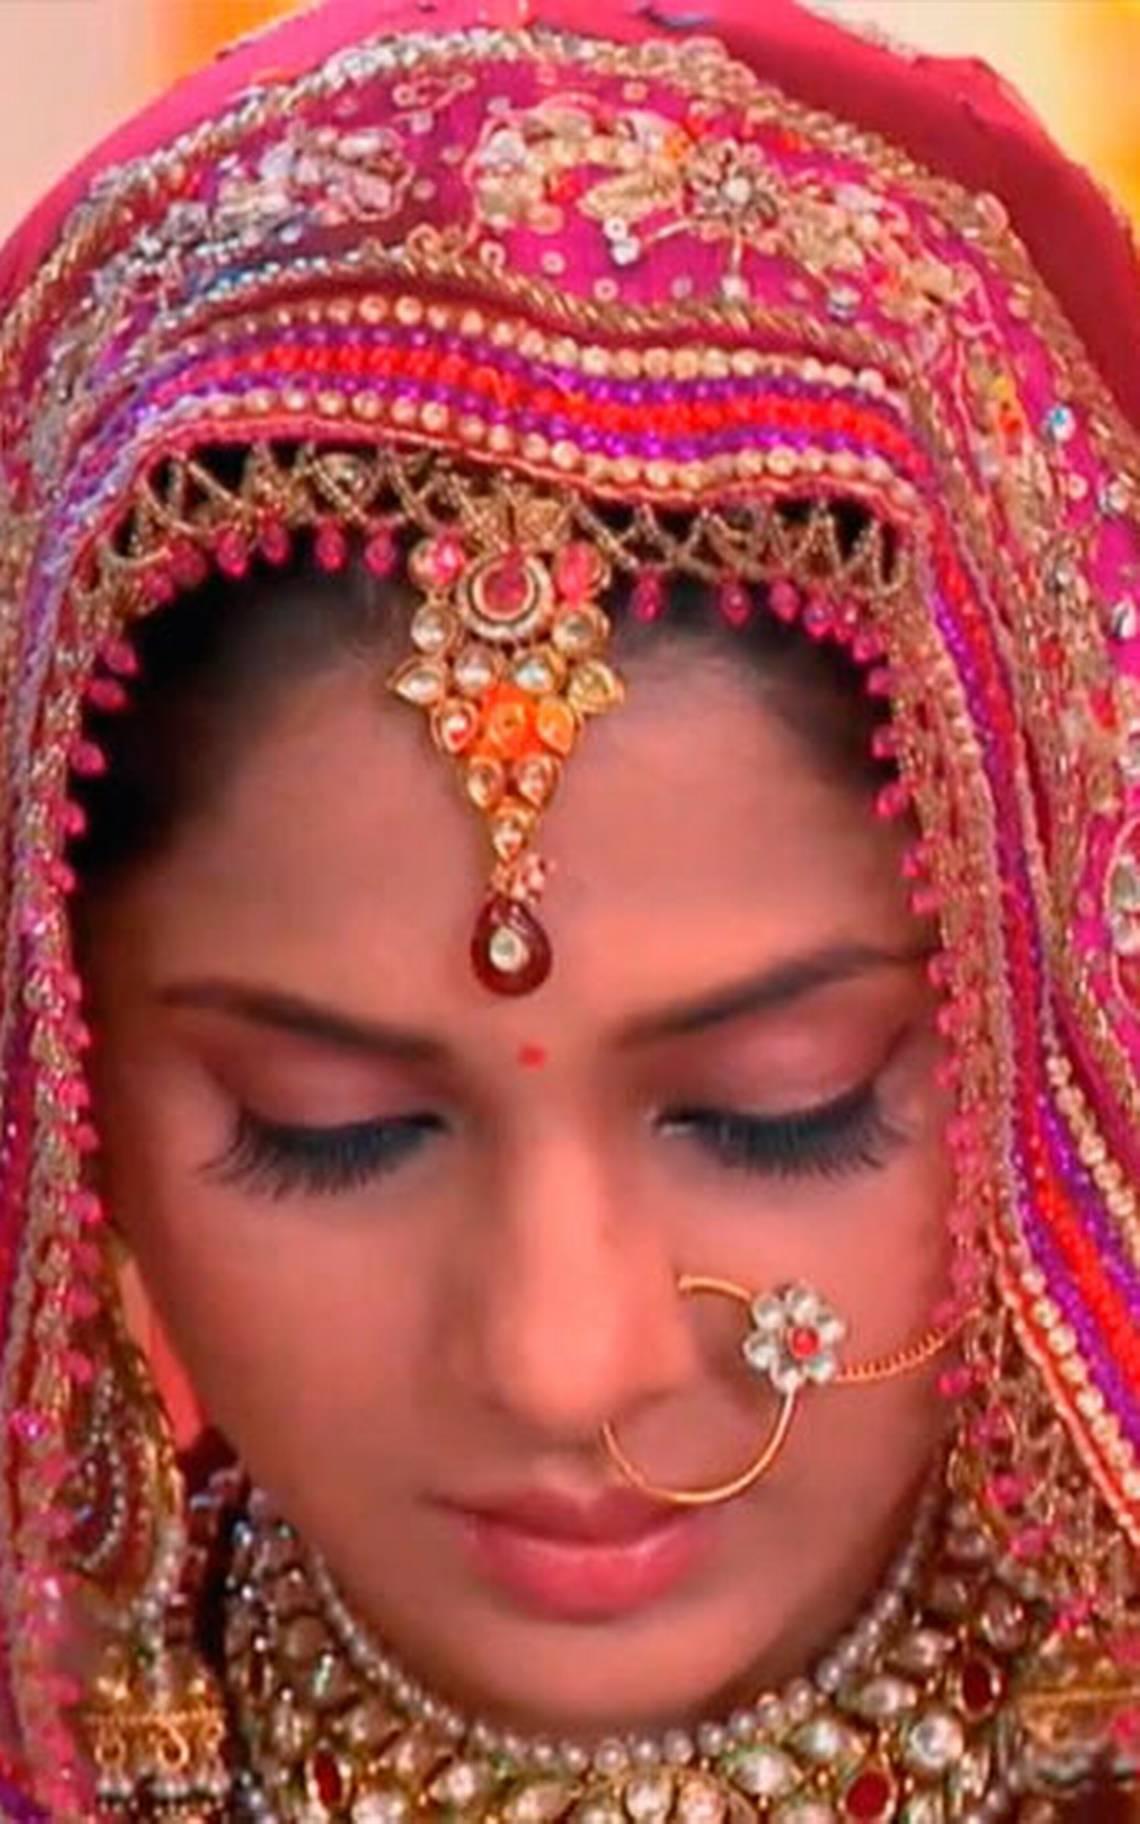 Bindi: El punto rojo que usan las mujeres en la India